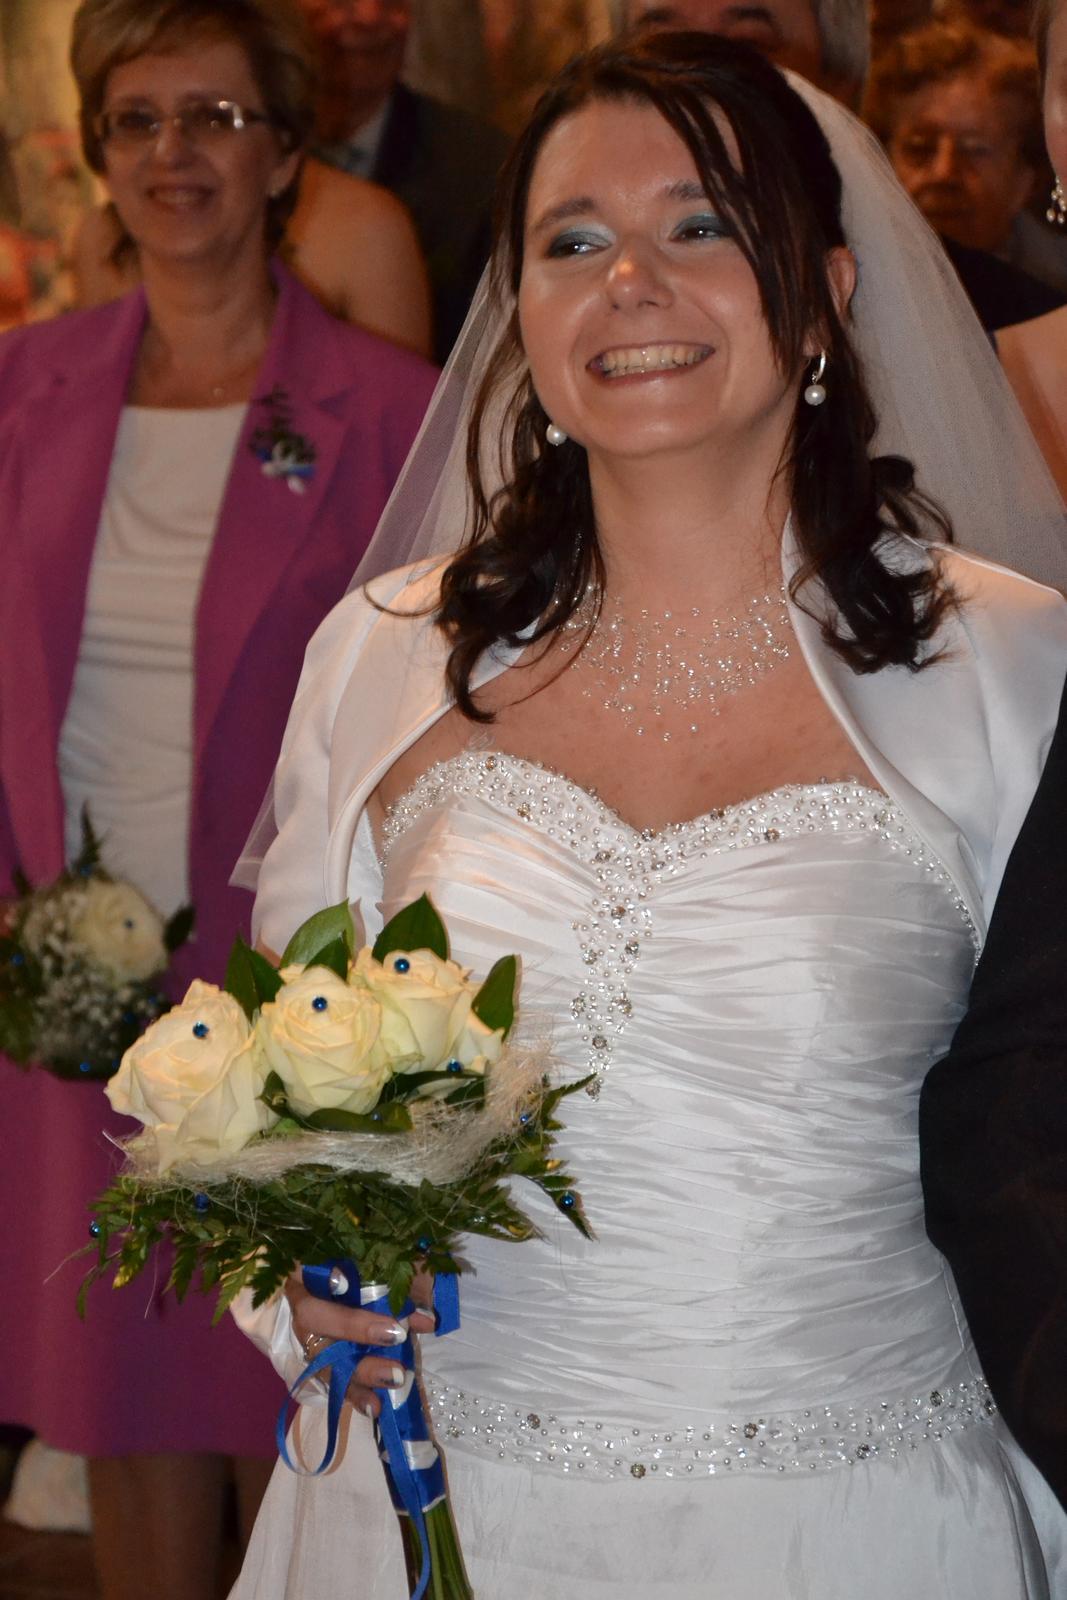 svatební šaty maskující bříško - Obrázek č. 2